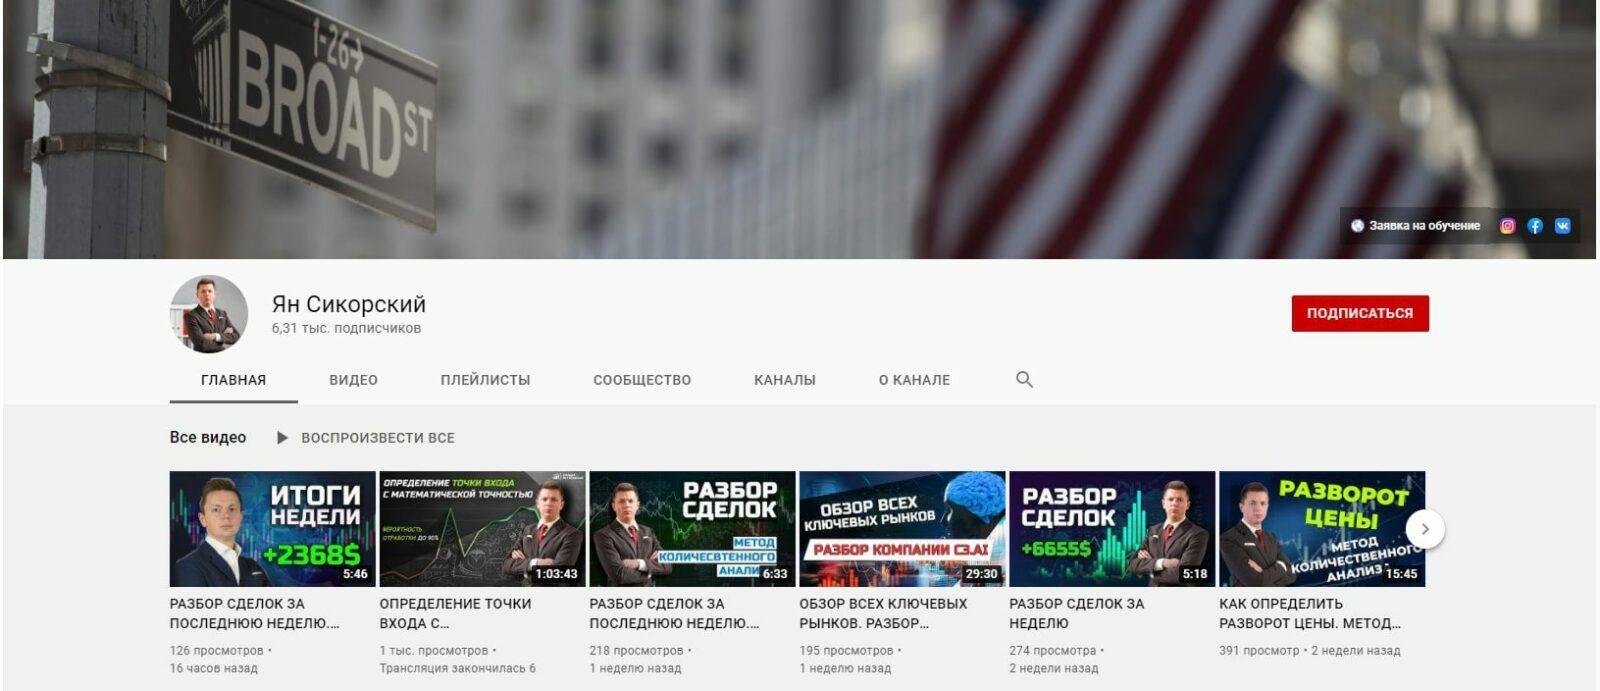 Ютуб канал Яна Сикорского